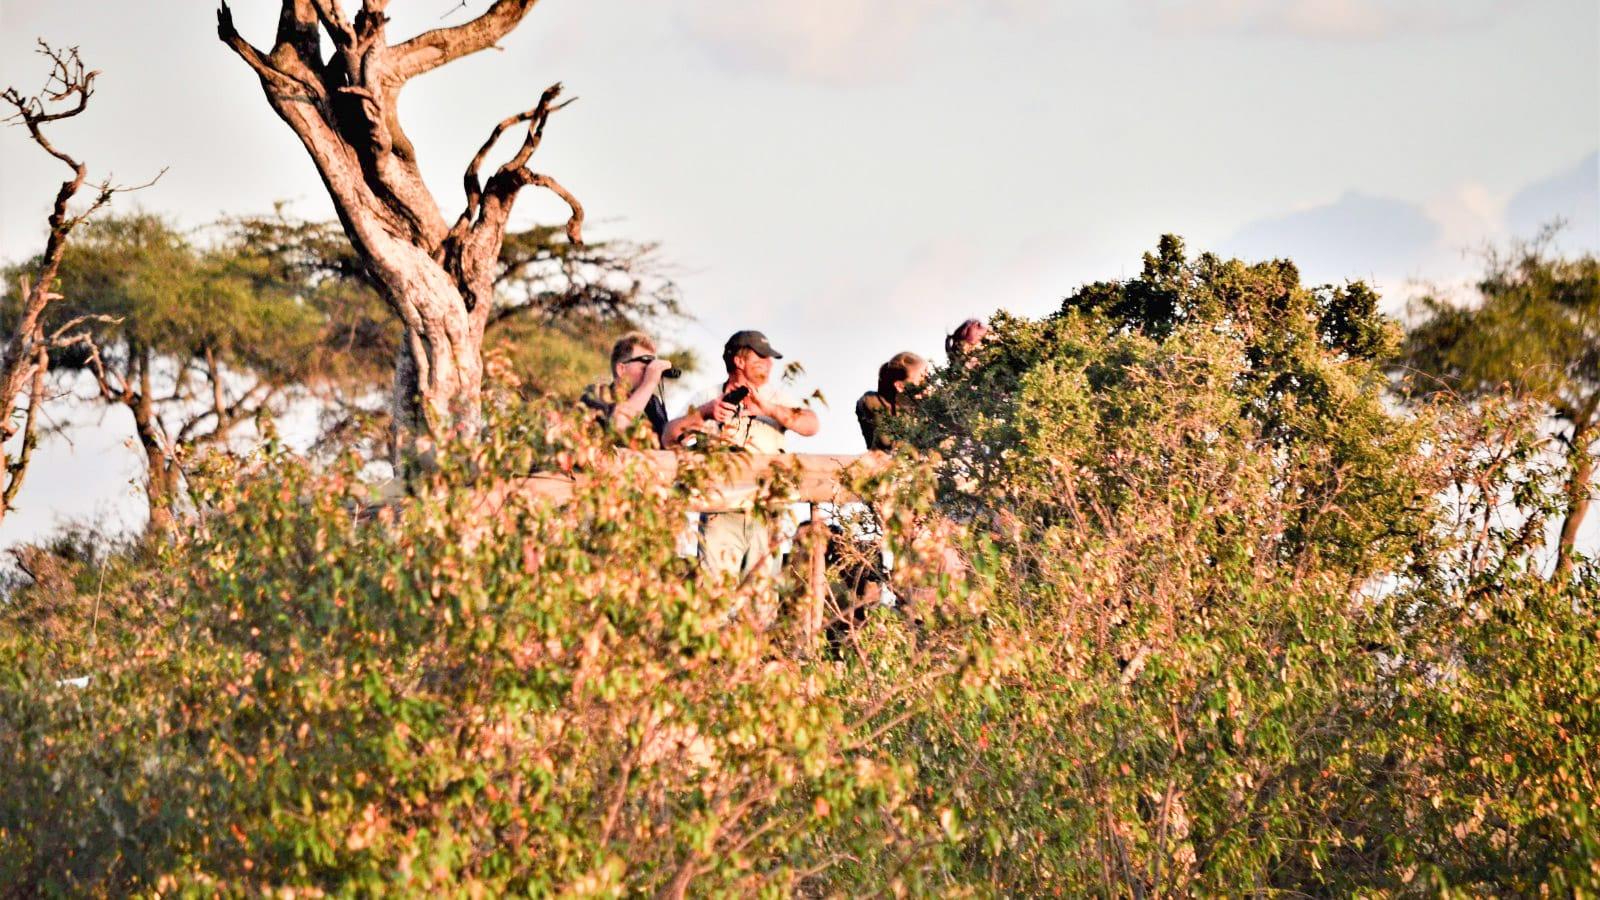 Turismo sostenible. La única salvación para la fauna y ecosistemas salvajes de Africa